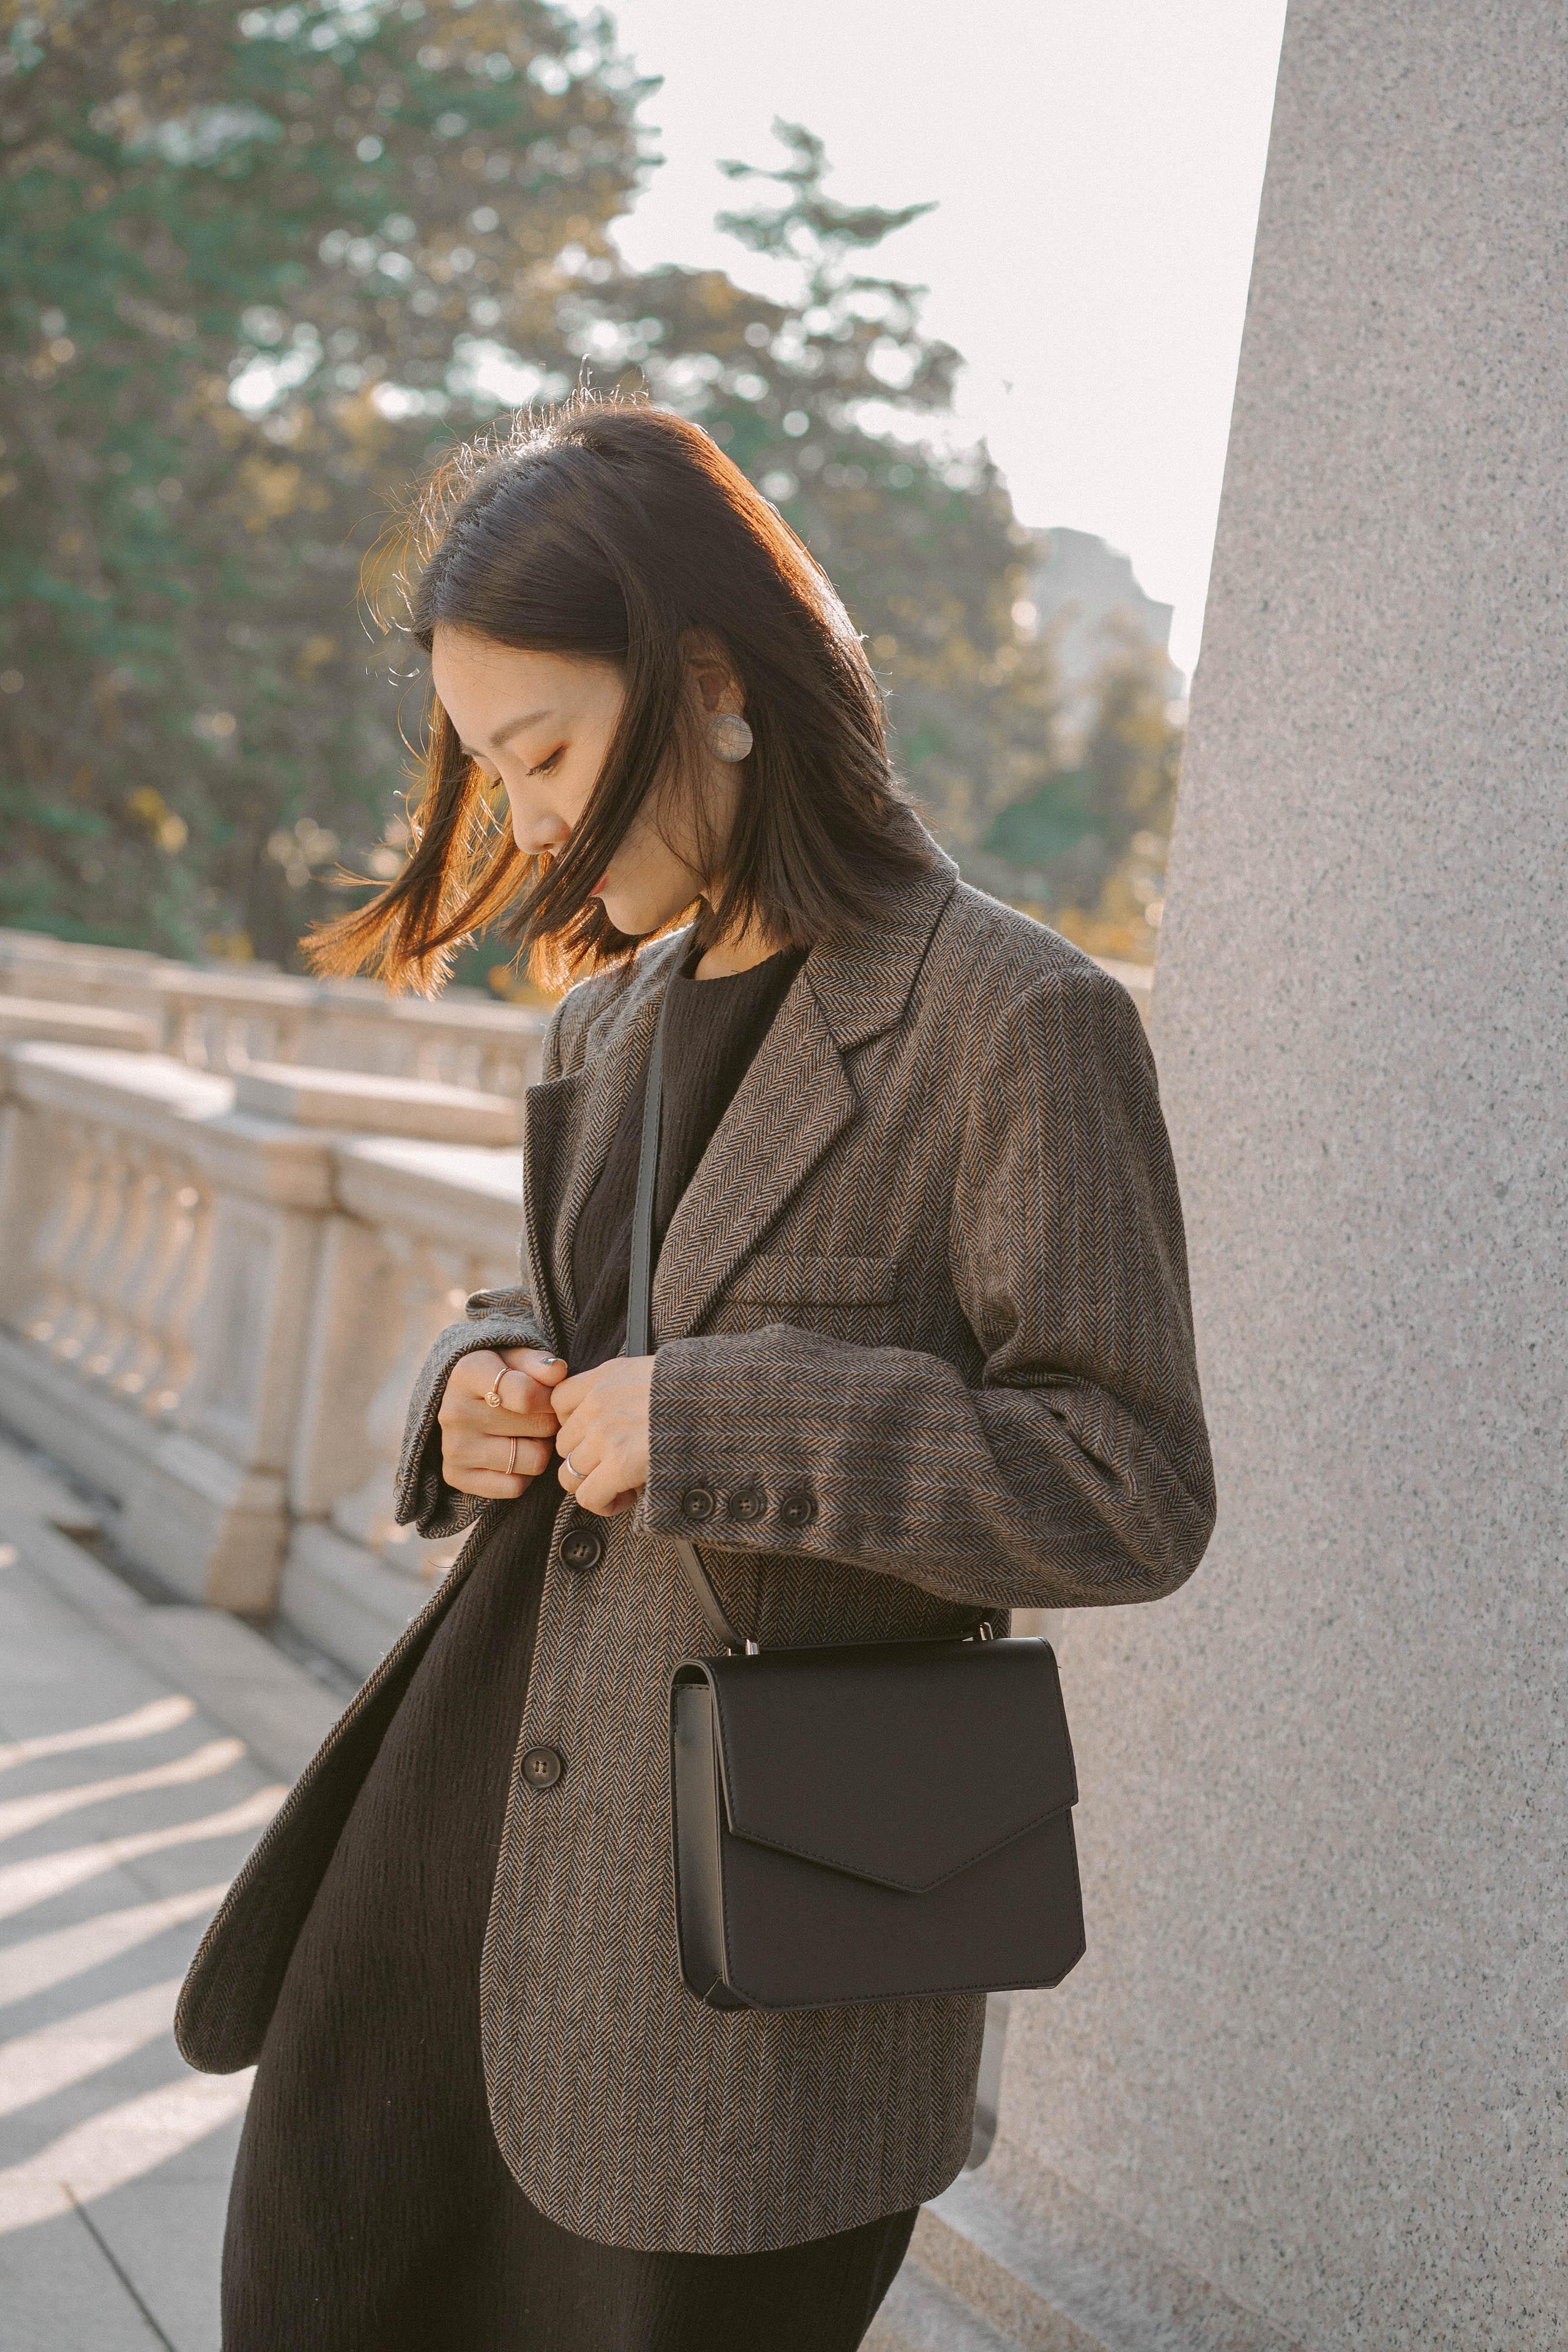 [穿搭] 秋末冬初unsnnoi女子穿搭分享♥